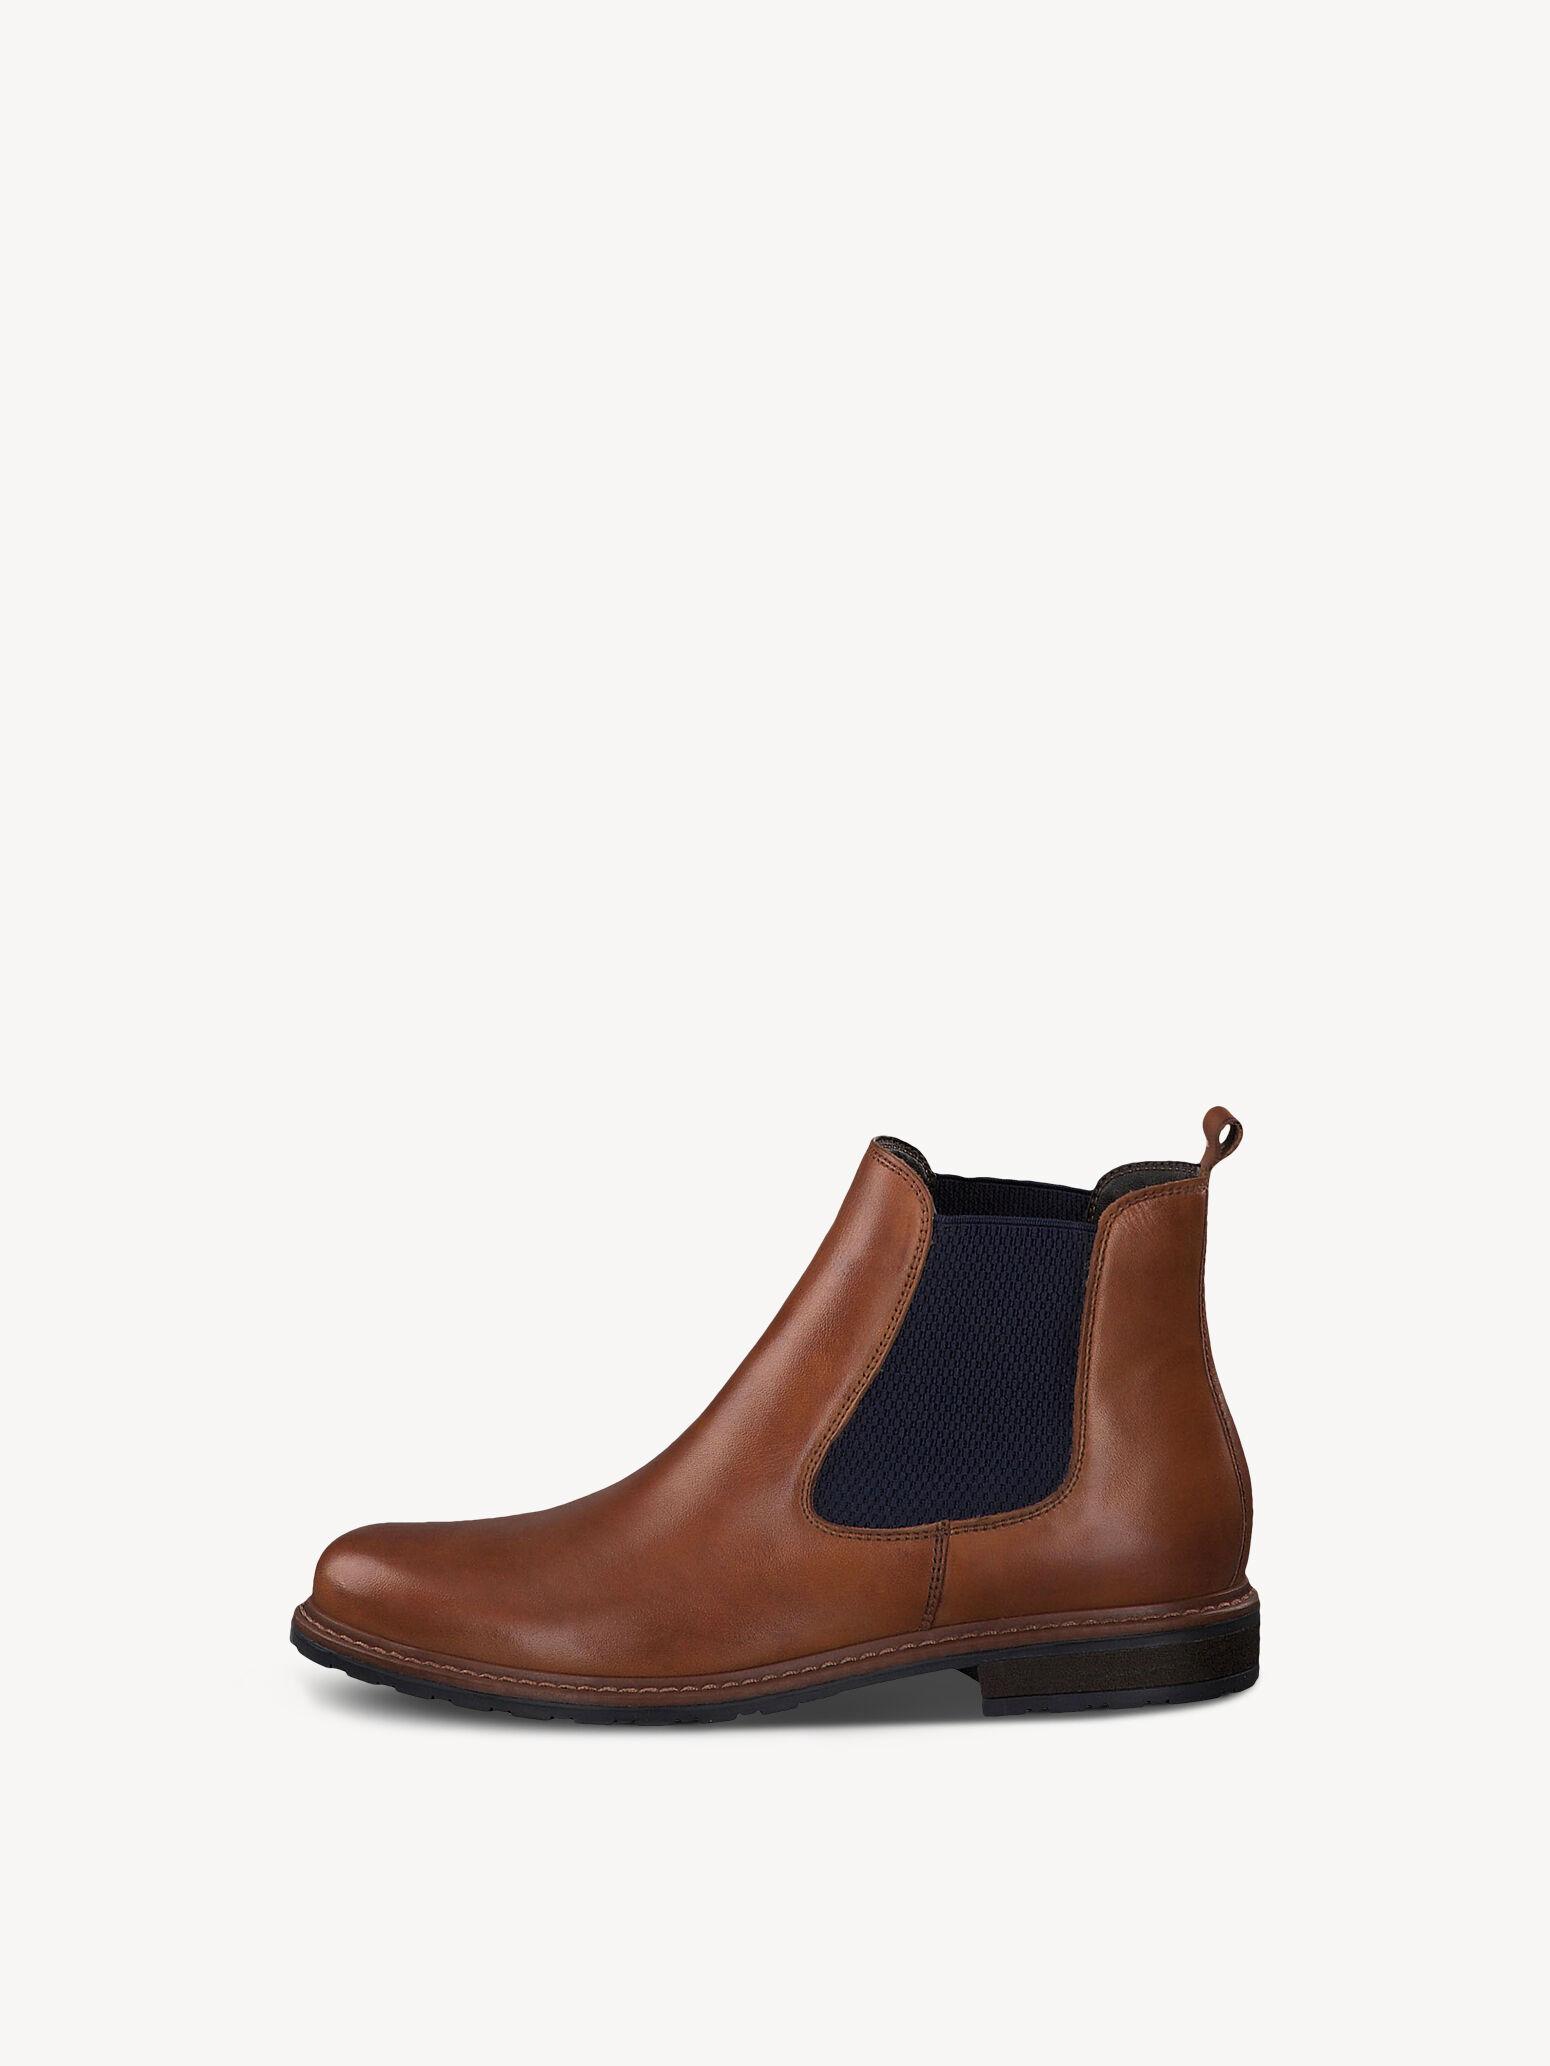 TAMARIS DAMEN PUMPS Schuhe Leder Keilabsatz Cognac 38 braun